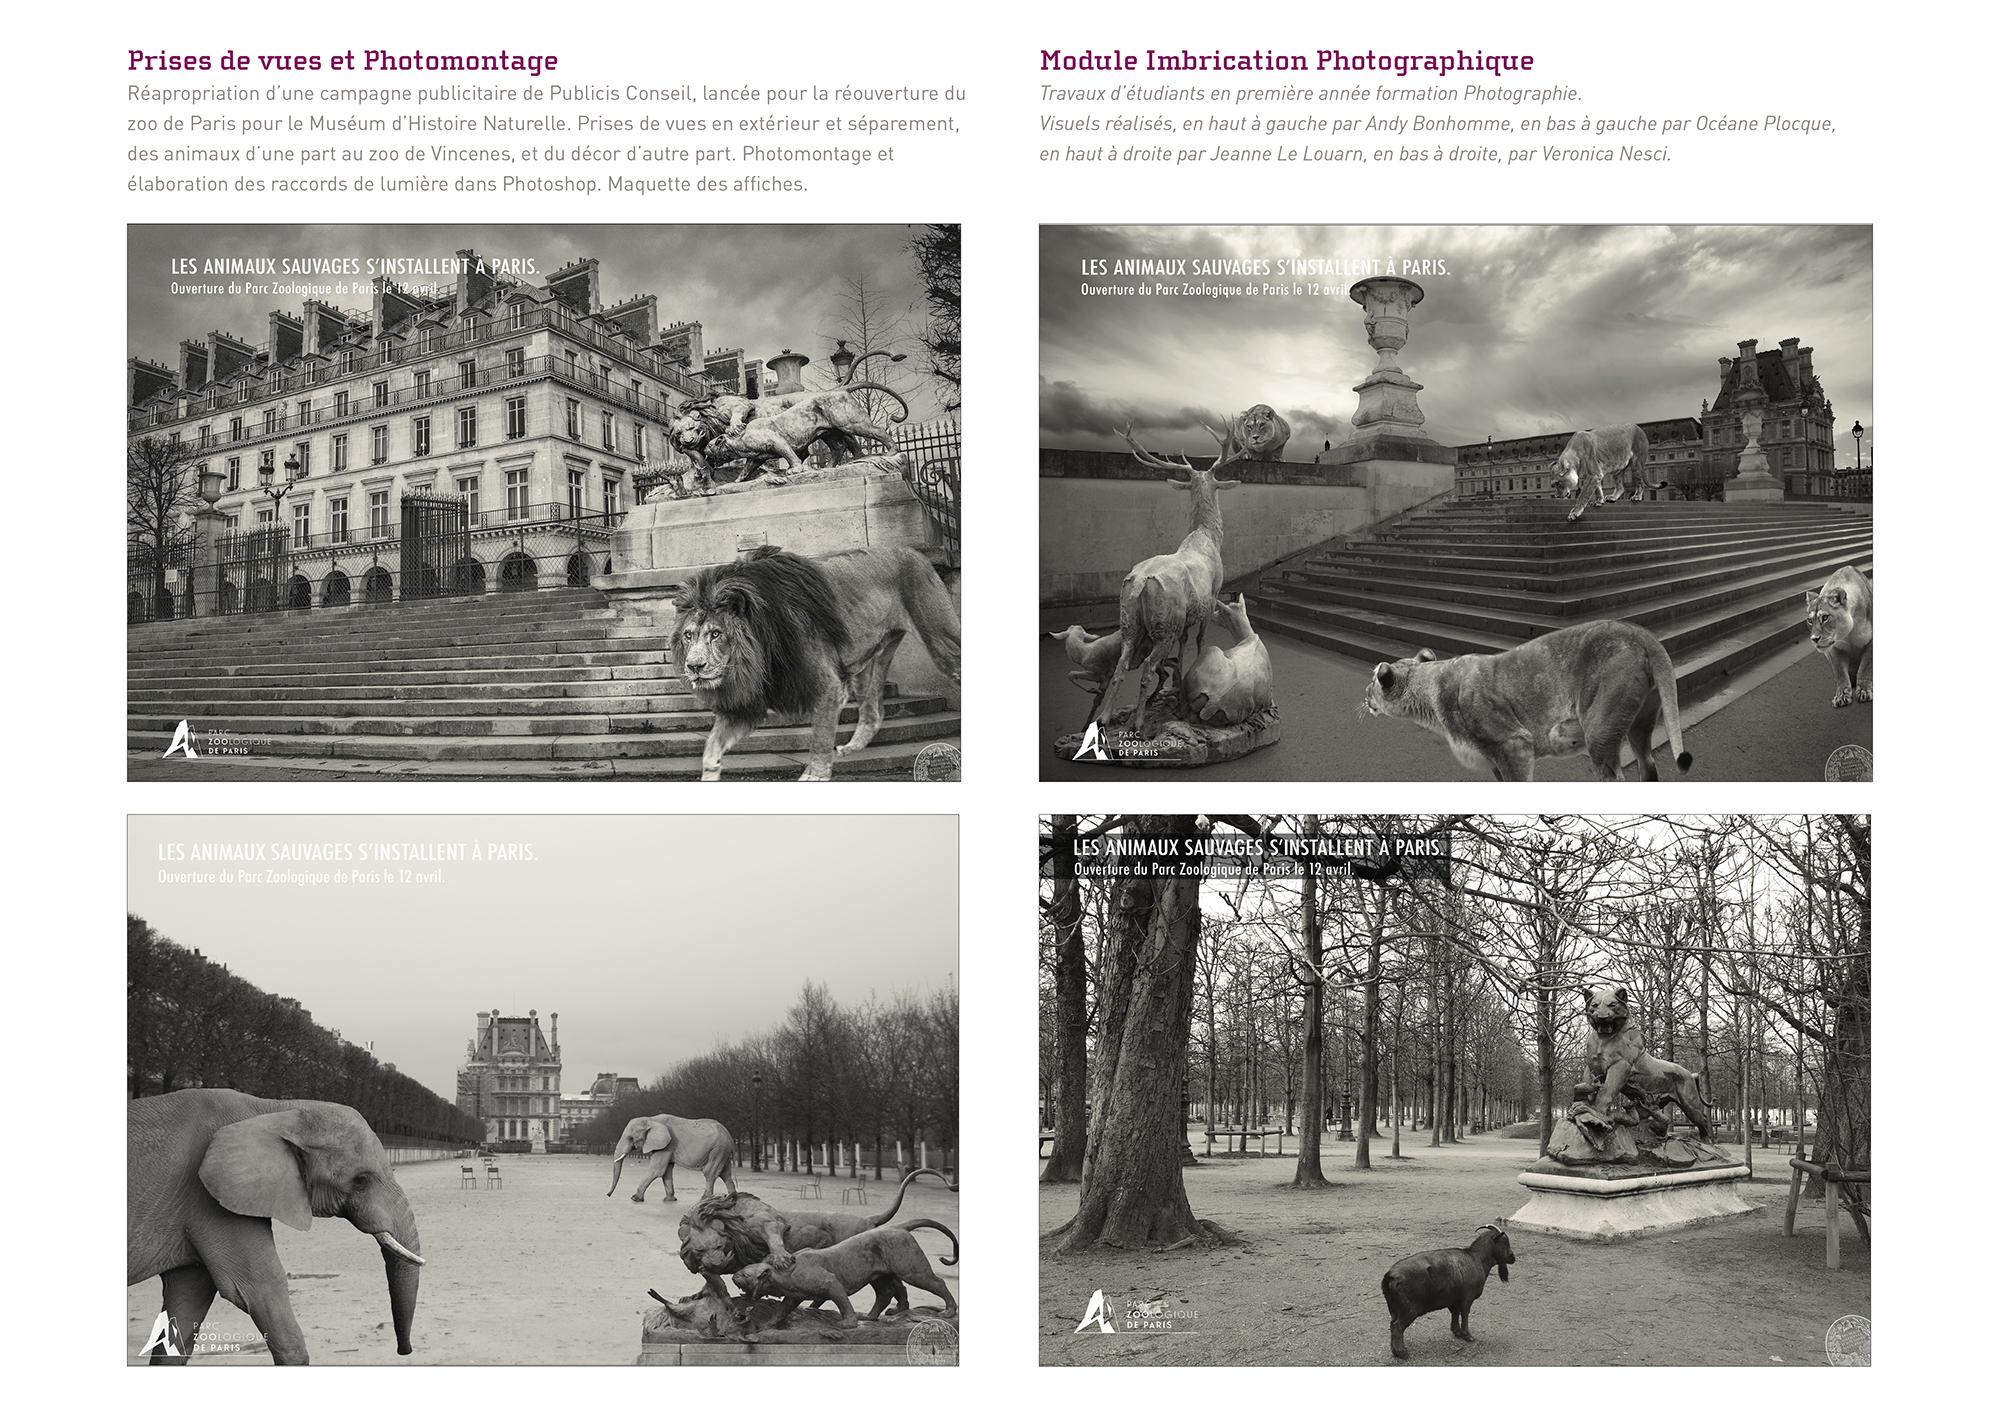 07-Travaux-etudiants-en-formation-photographie-Campagne-Publicitaire-MNHN